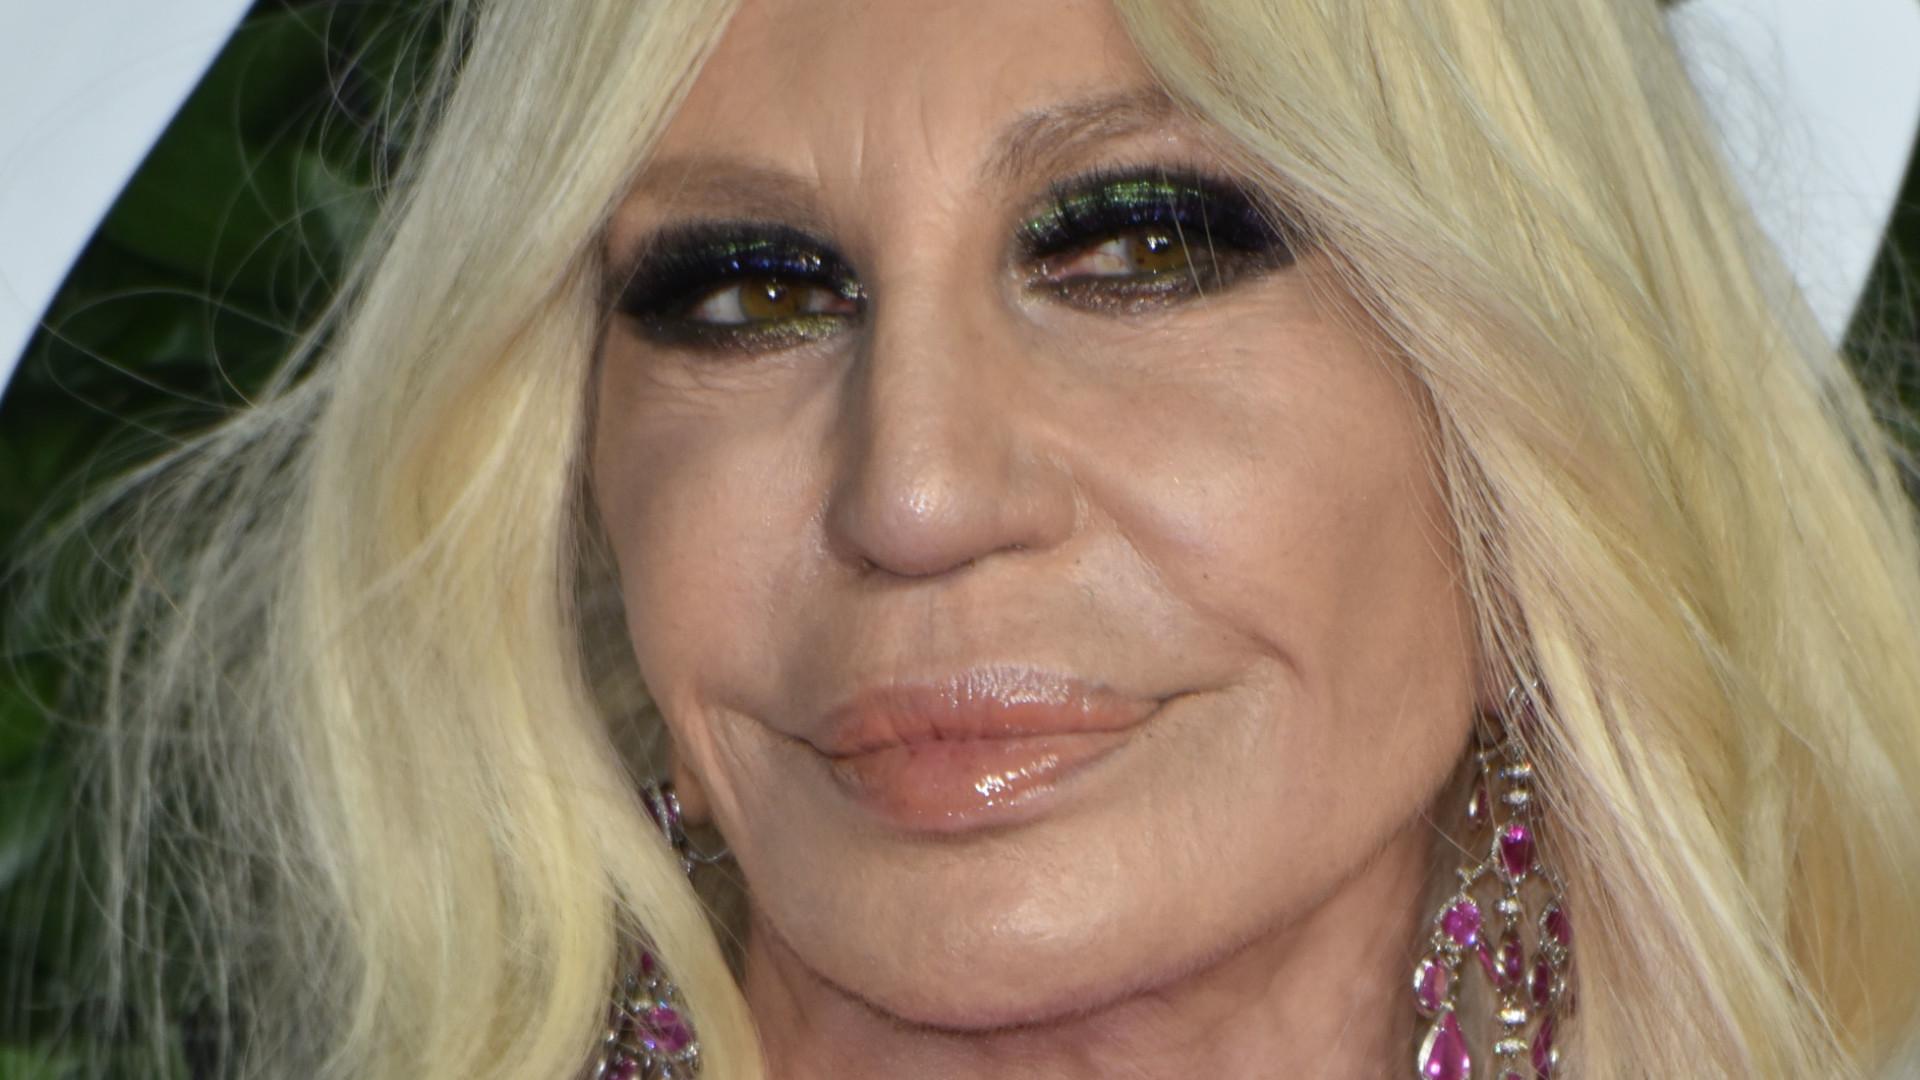 Donatella Versace ścisnęła się suknią jak zbroją i coś wyszło spod jej pachy (ZDJĘCIA)